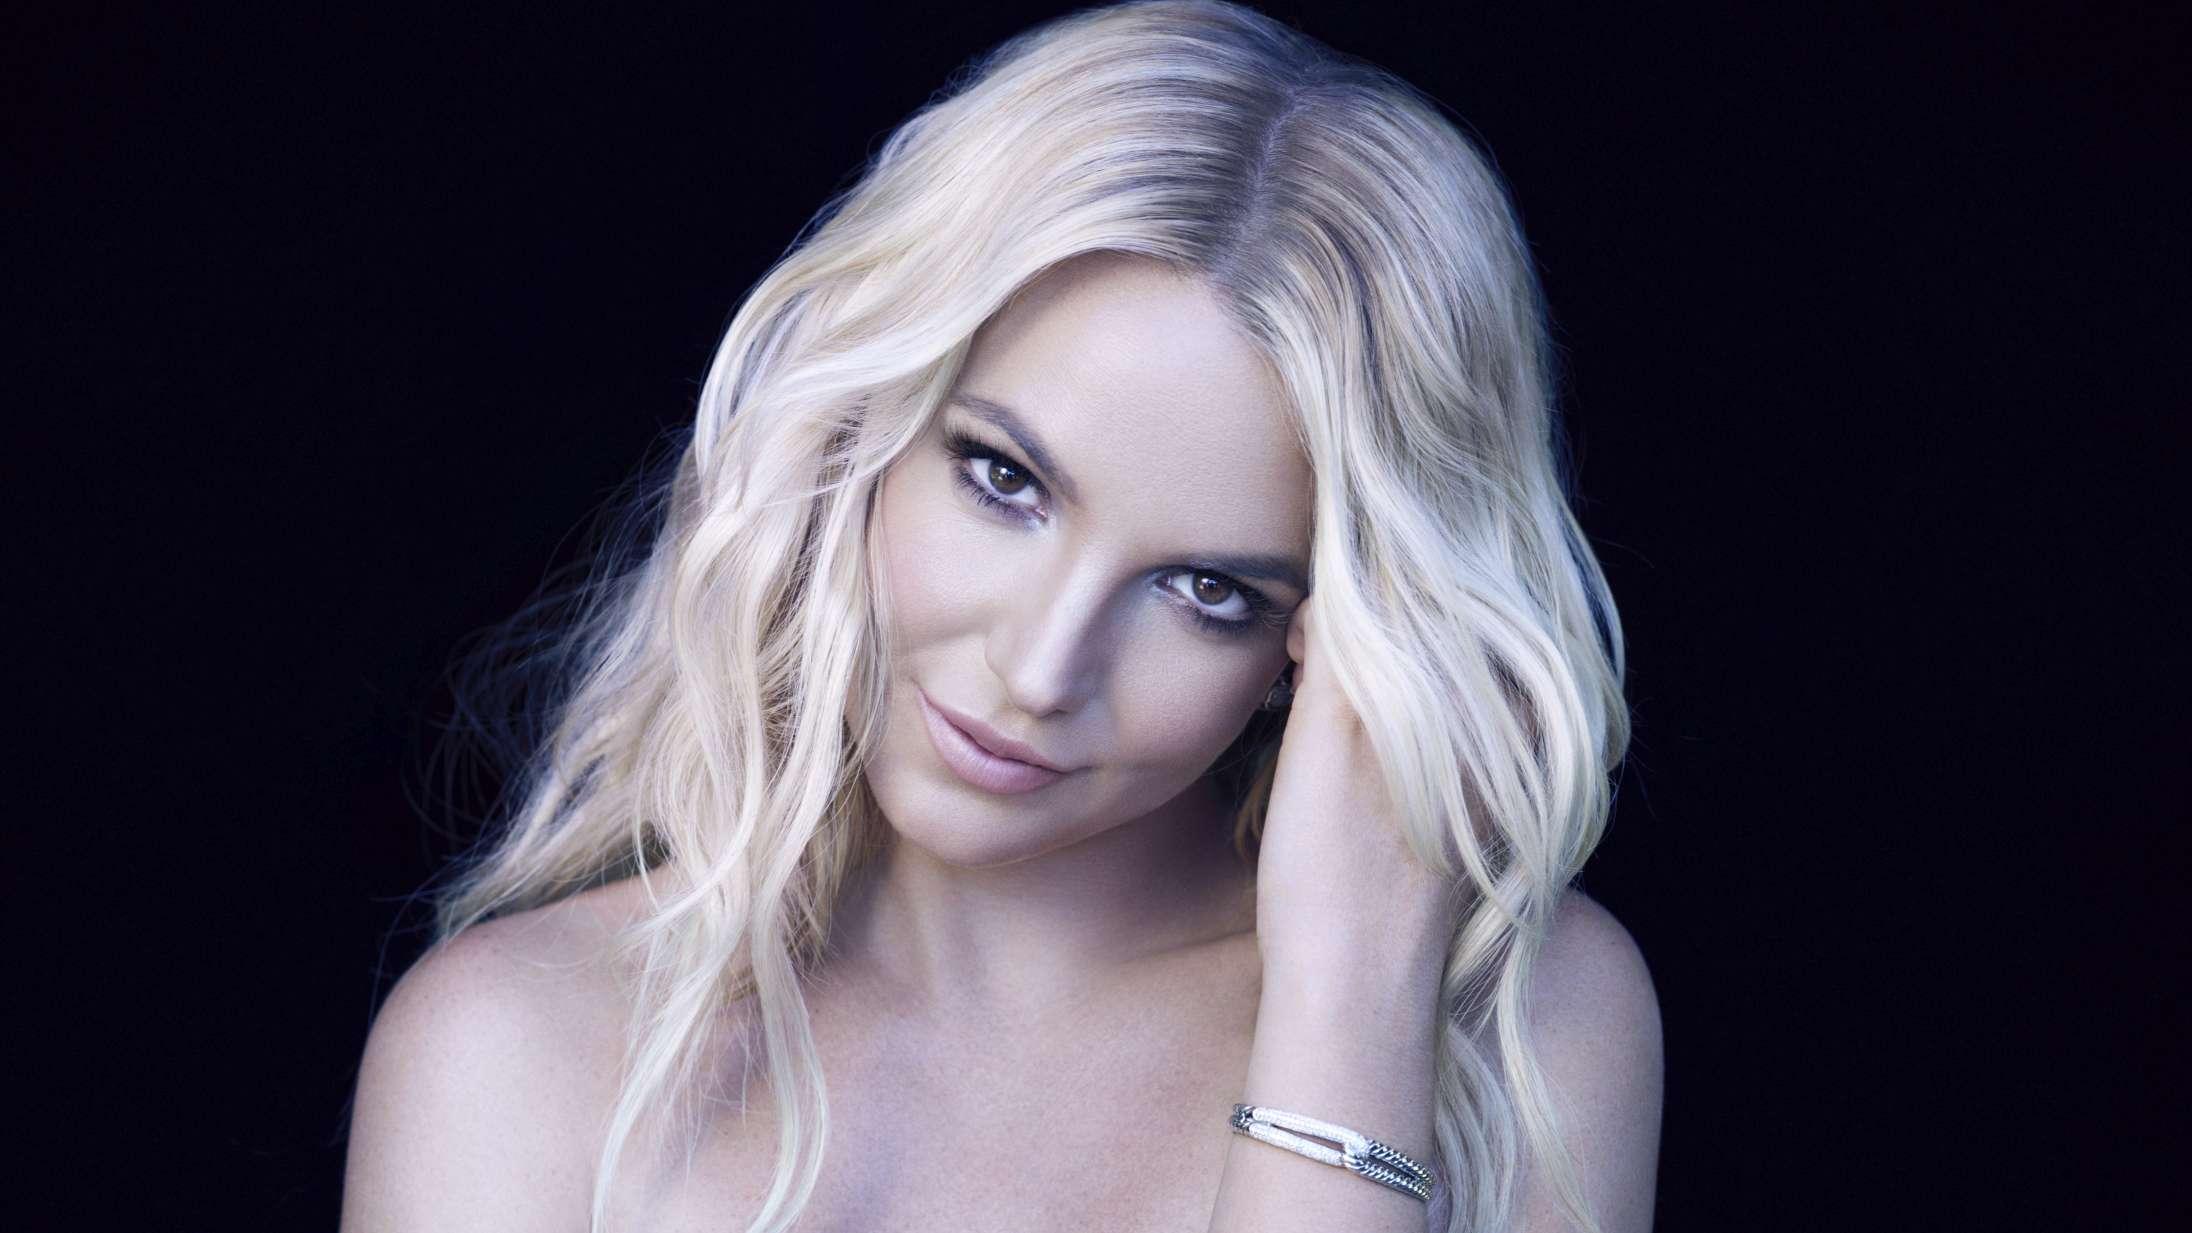 Ifølge ny dom skal Britney Spears' far fortsat være hendes værge – på trods af protester